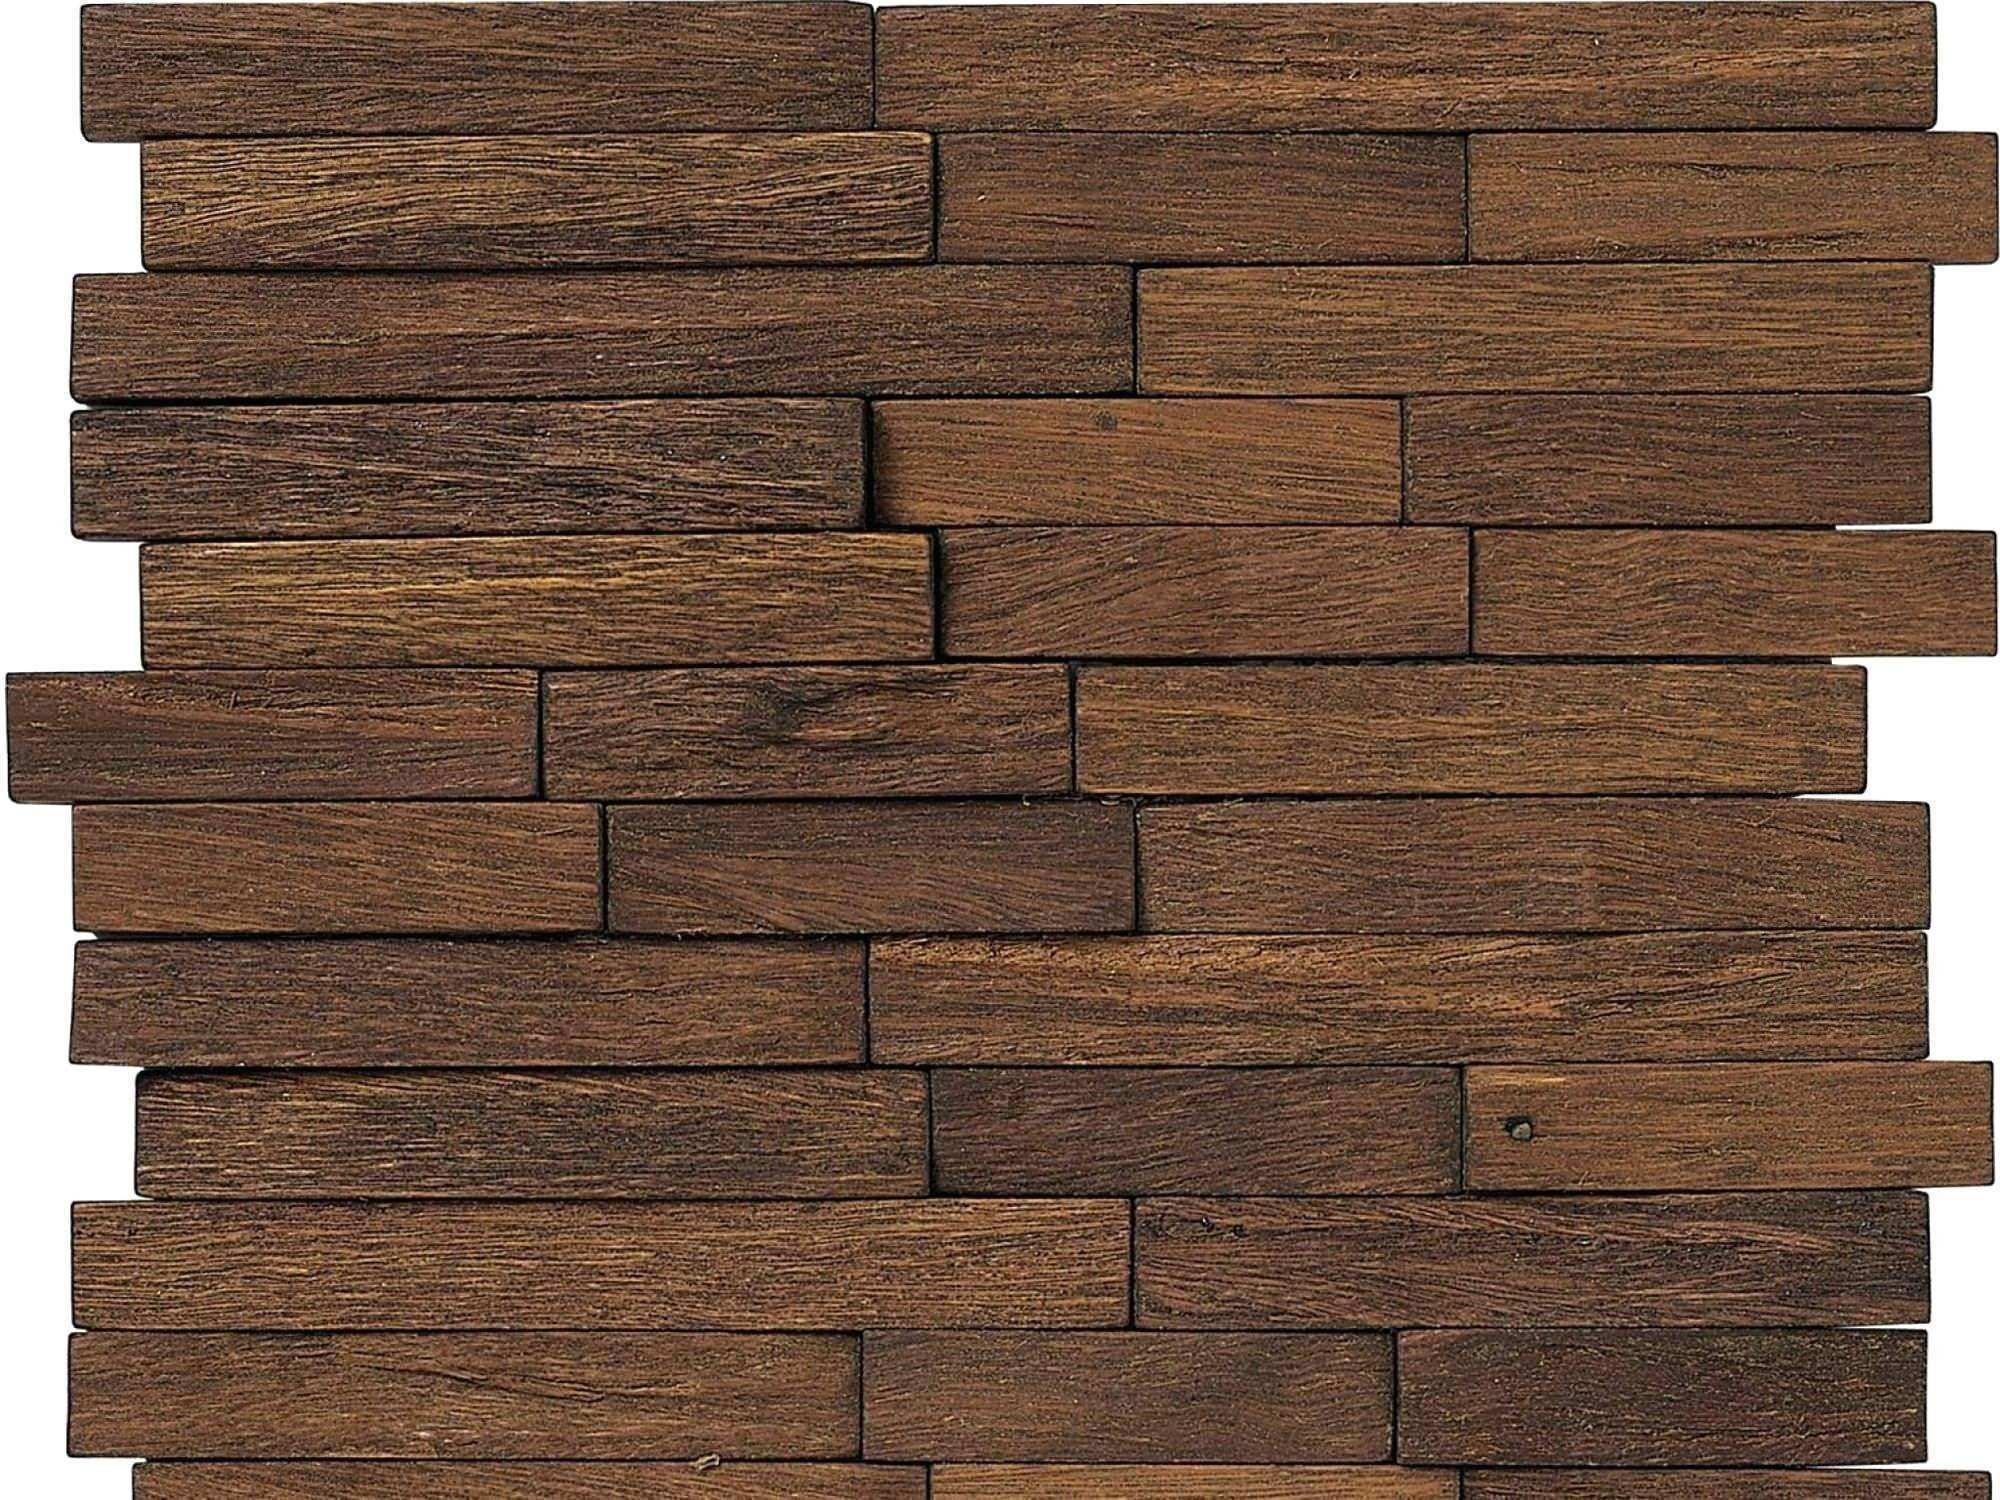 gray hardwood floor ideas of coastal wood wall art beautiful metal wall art panels fresh 1 throughout coastal wood wall art beautiful metal wall art panels fresh 1 kirkland wall decor home design